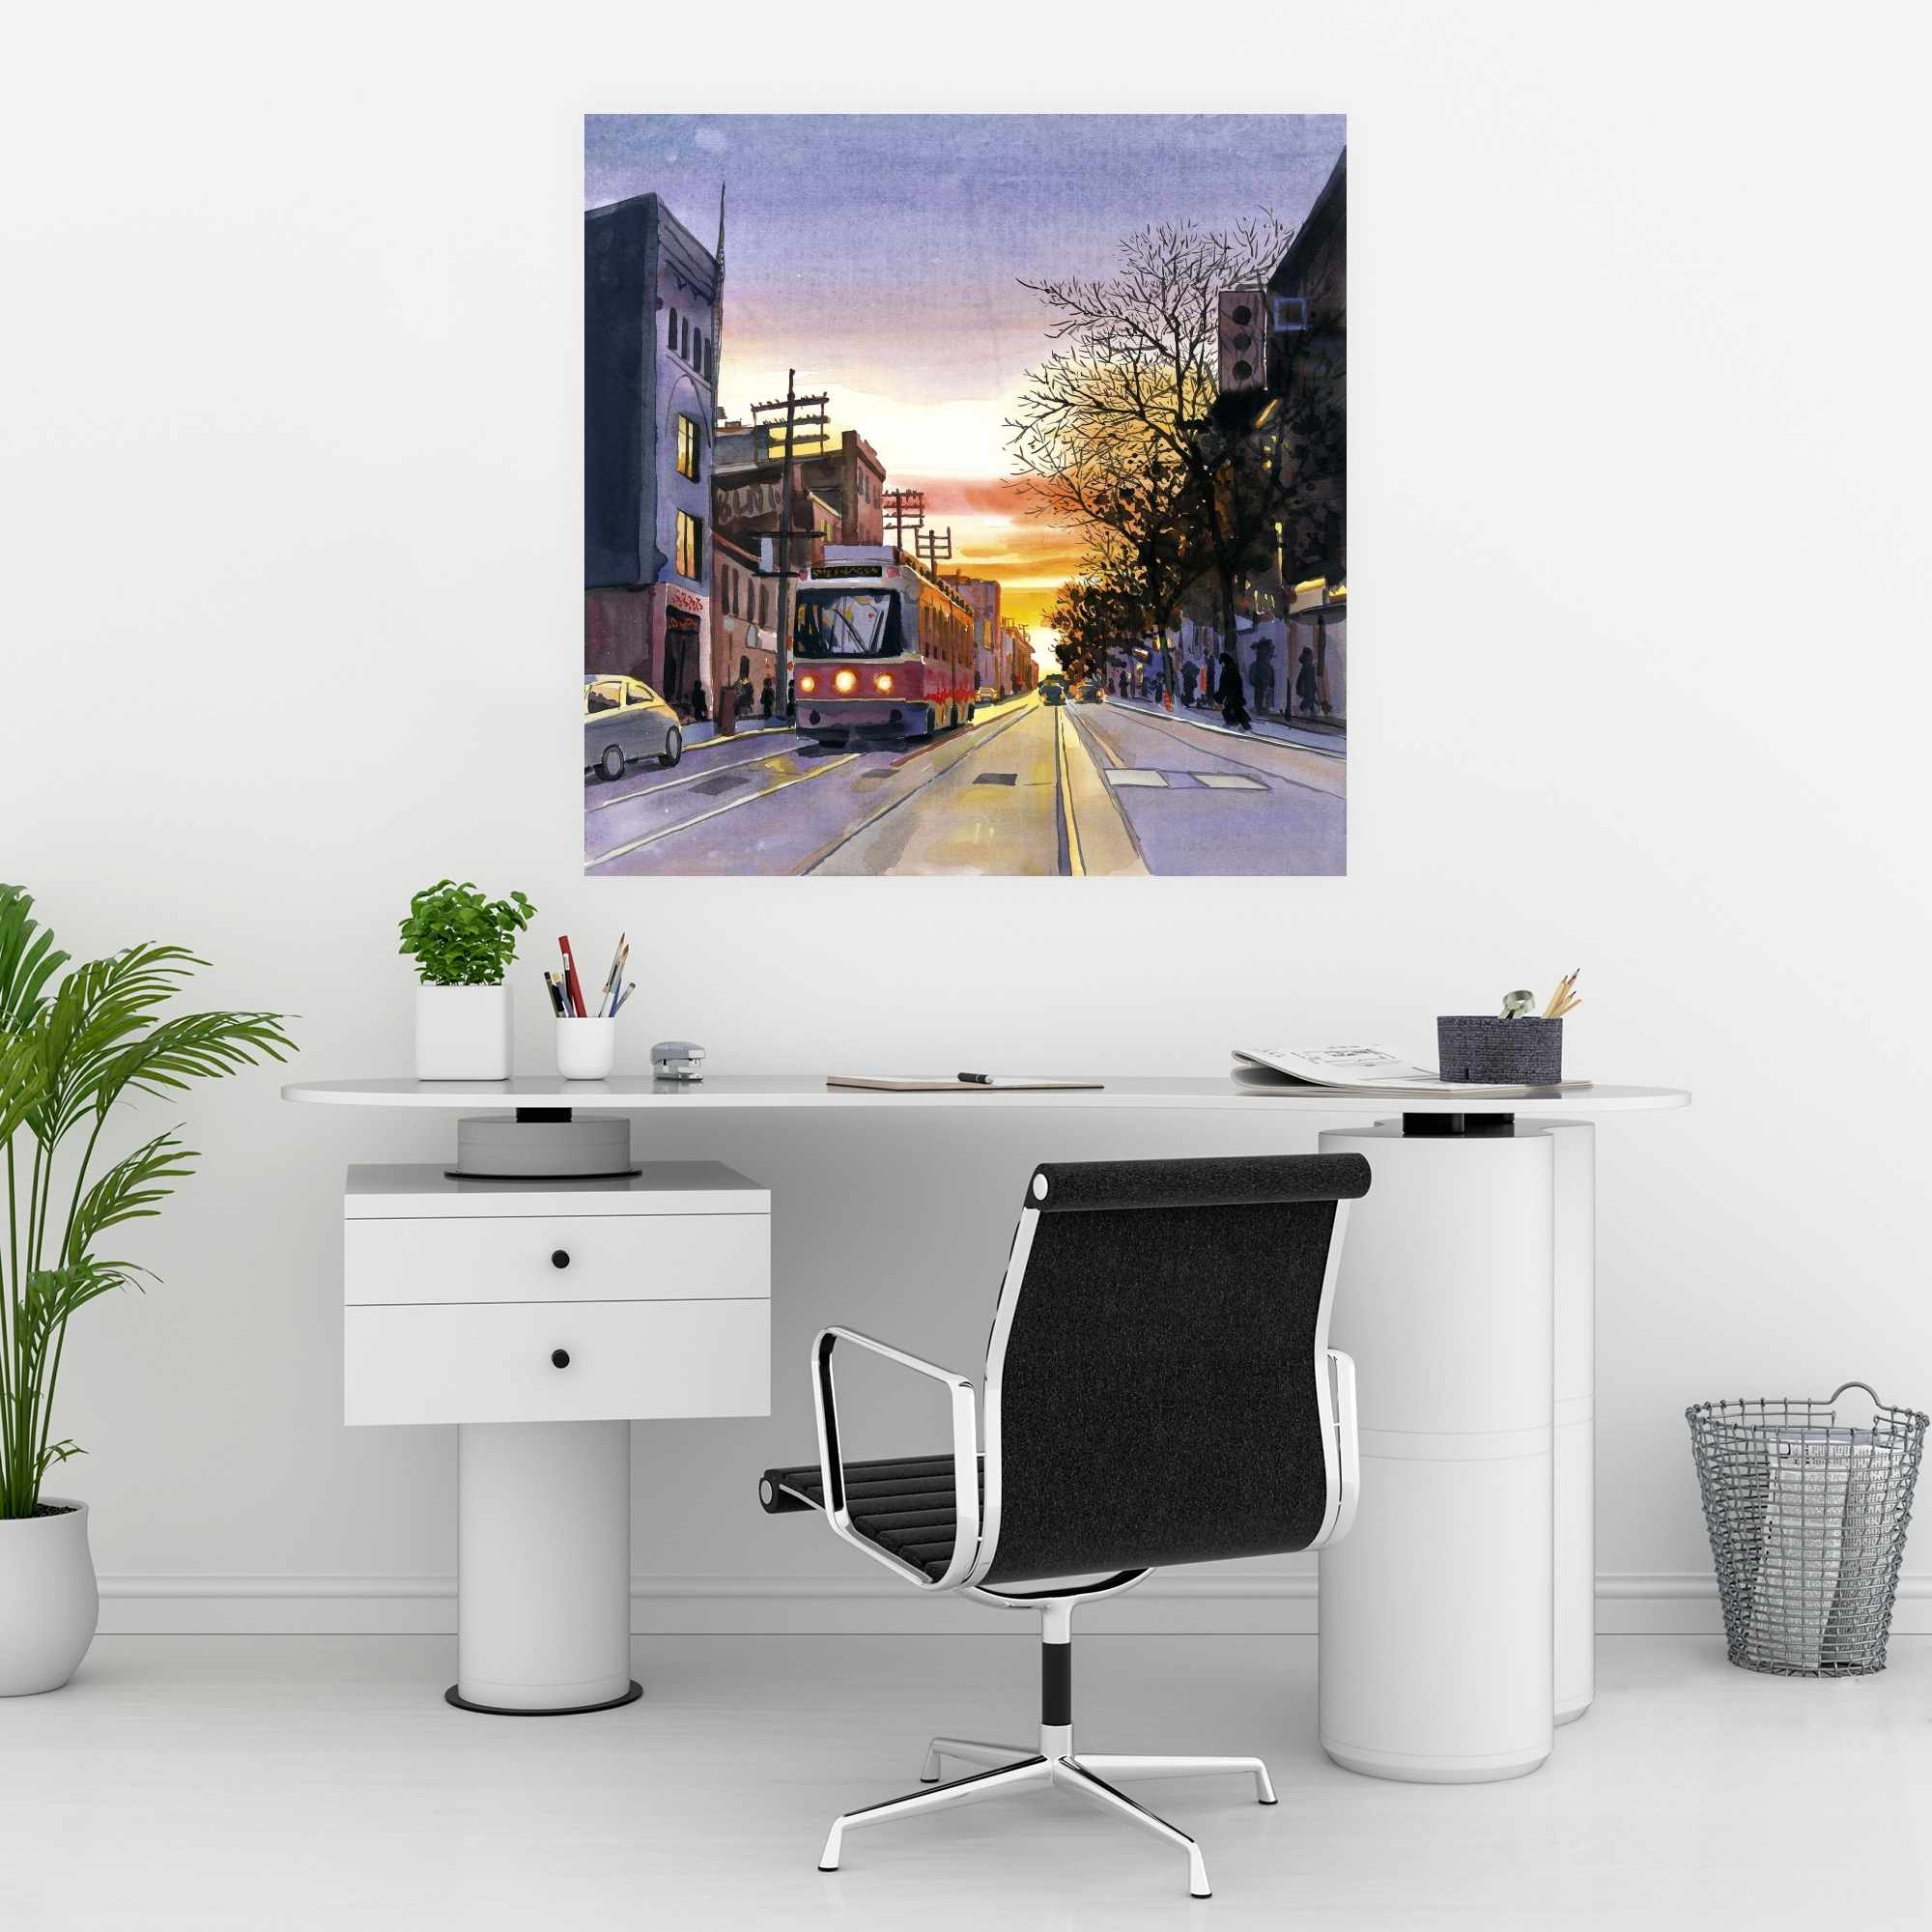 Affiche 30 x 30 - Coucher de soleil une rue torontoise